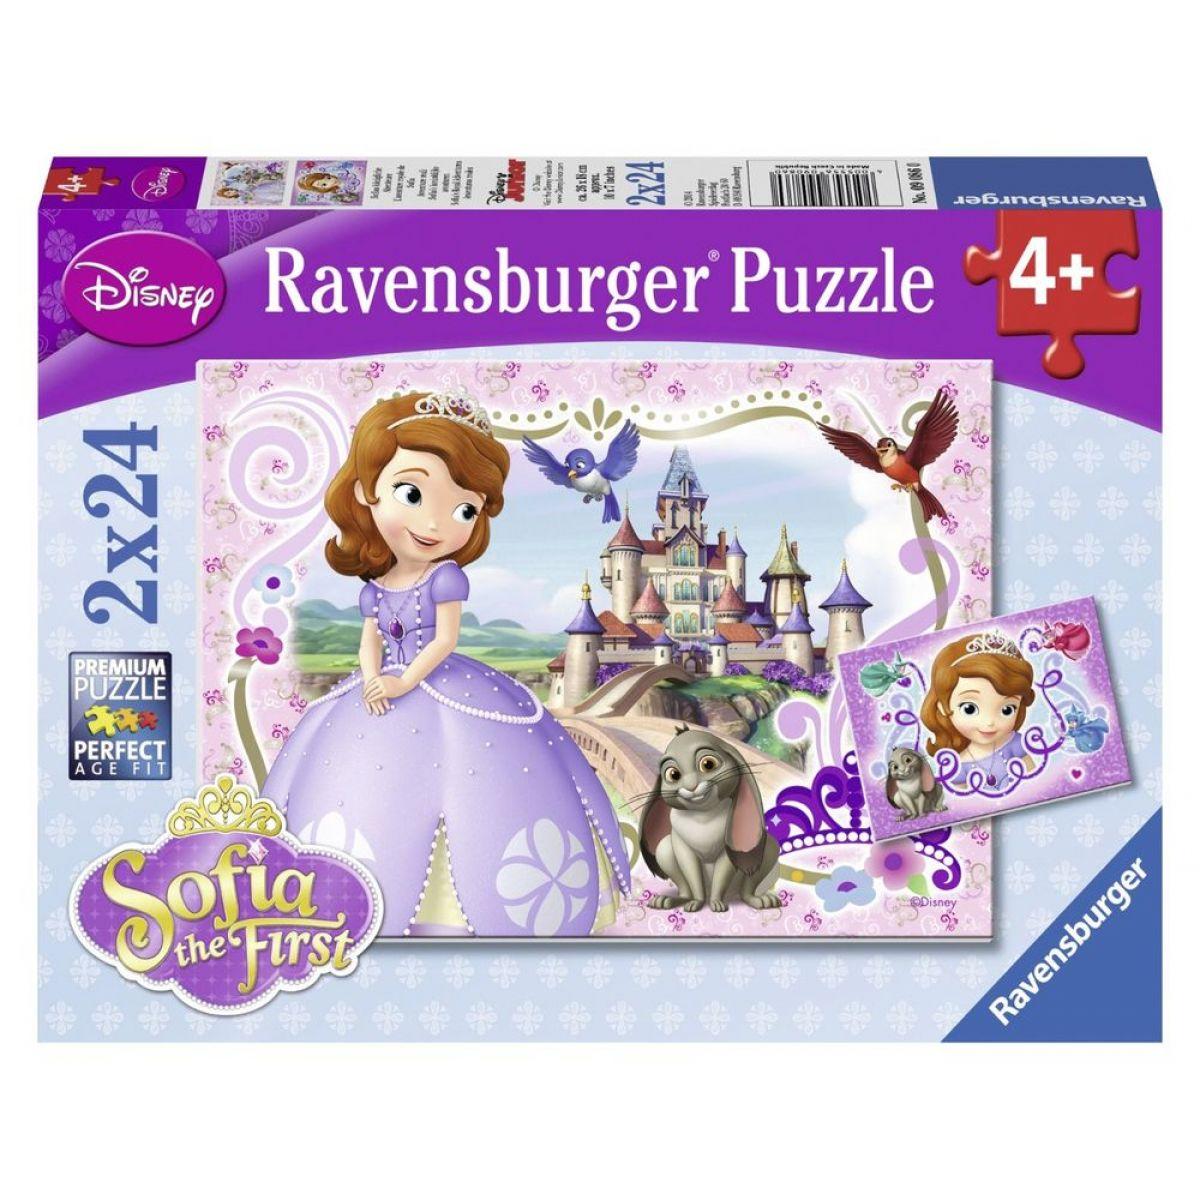 Ravensburger Disney Puzzle Princezna Sofia 2x24 dílků